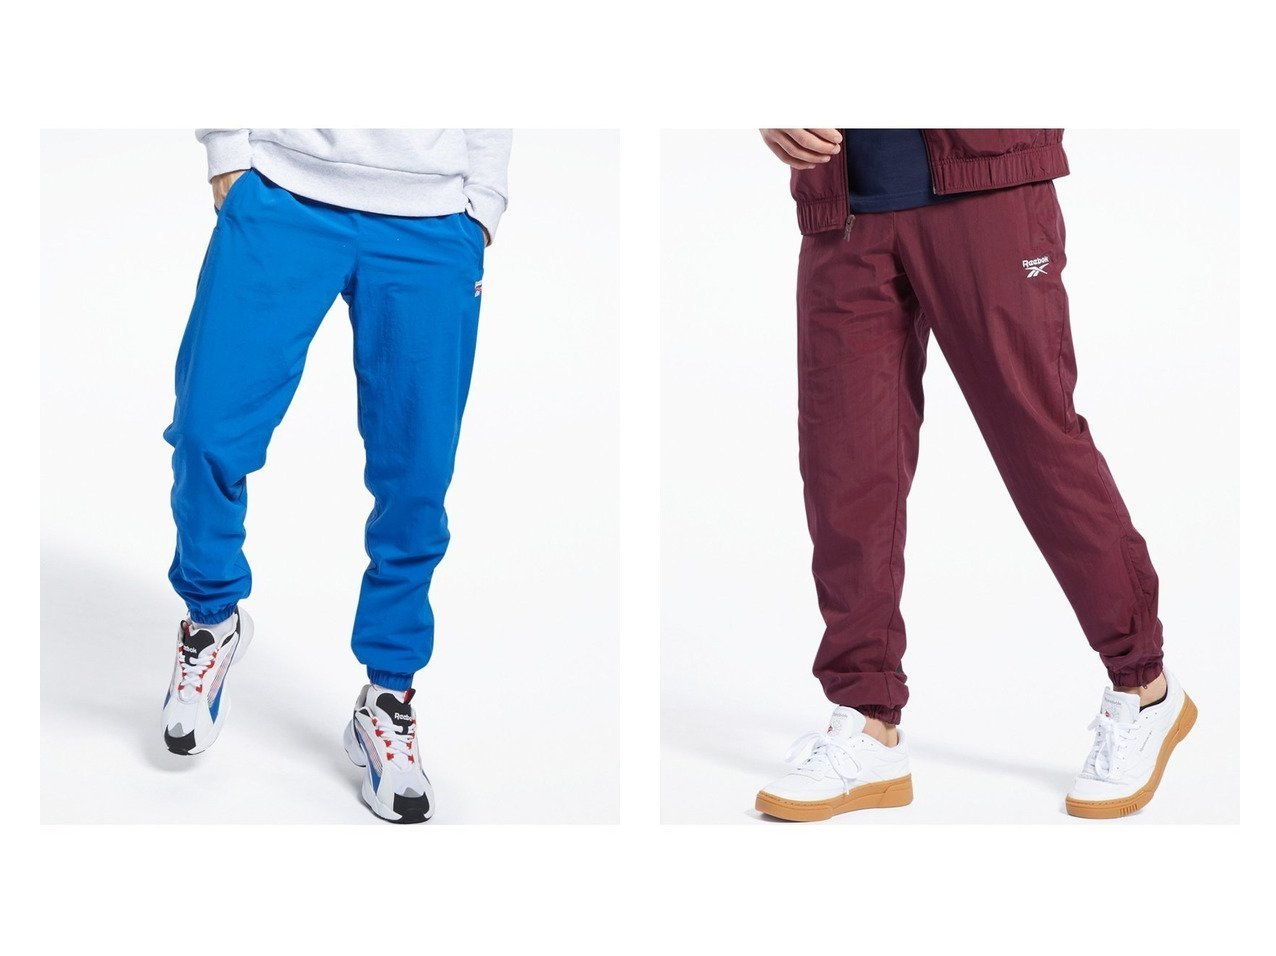 【Reebok Classic / MEN/リーボック クラシック】のクラシックス ベクター トラック パンツ Classics Vector Track Pants リーボック 【MEN】おすすめ!人気トレンド・男性、メンズファッションの通販 おすすめで人気の流行・トレンド、ファッションの通販商品 メンズファッション・キッズファッション・インテリア・家具・レディースファッション・服の通販 founy(ファニー) https://founy.com/ ファッション Fashion メンズファッション MEN NEW・新作・新着・新入荷 New Arrivals ジャージ スポーツ スリム ビッグ フィット メンズ 水着 |ID:crp329100000023139